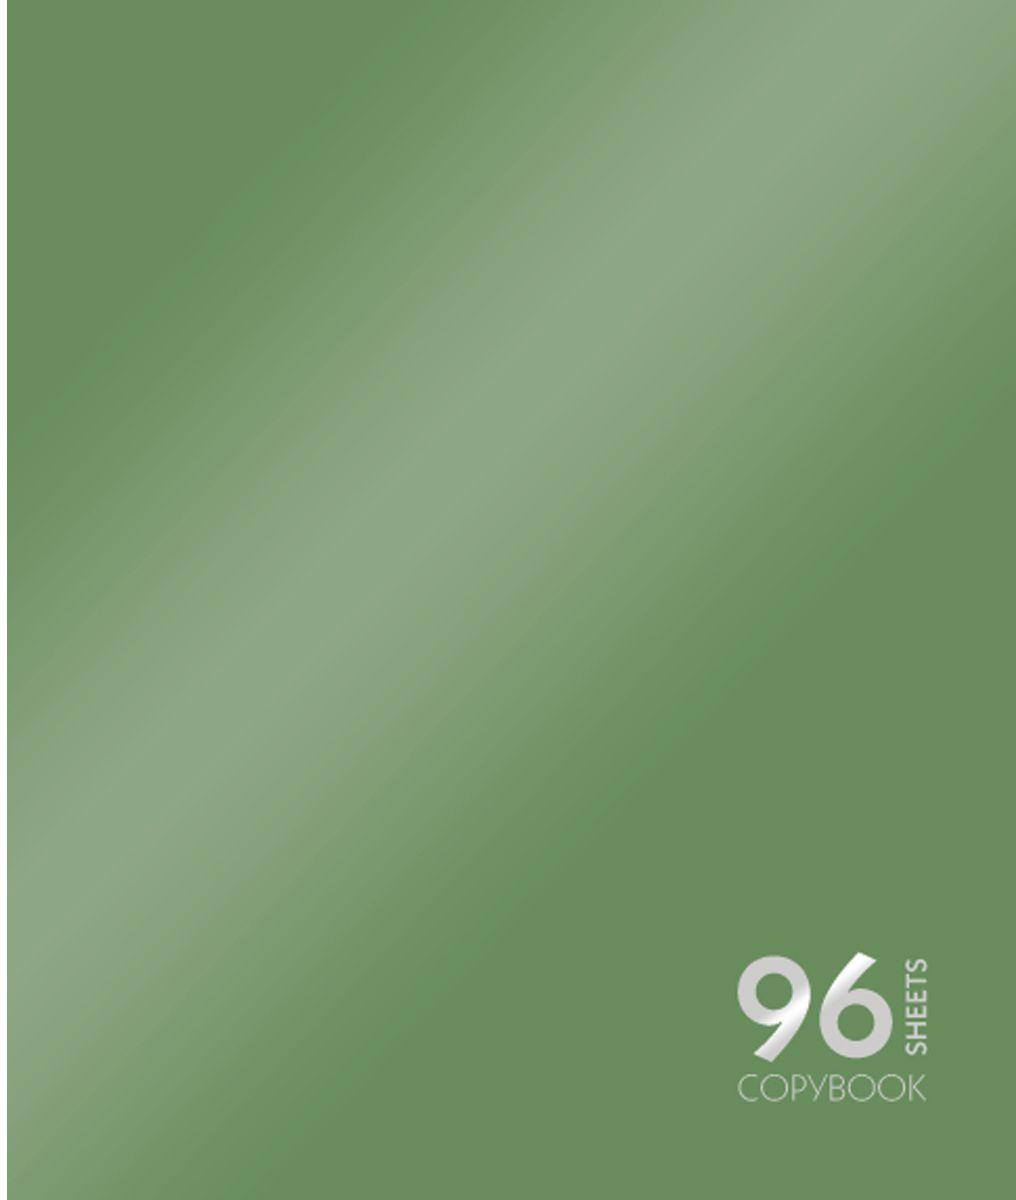 Канц-Эксмо Тетрадь Сияние цвета 96 листов в клетку цвет зеленыйТК965183Тетрадь А5 96 листов на скрепке, клетка. Обложка мелованный картон с пантонной металлизированной печатью. Бумага офсет 60г/м2